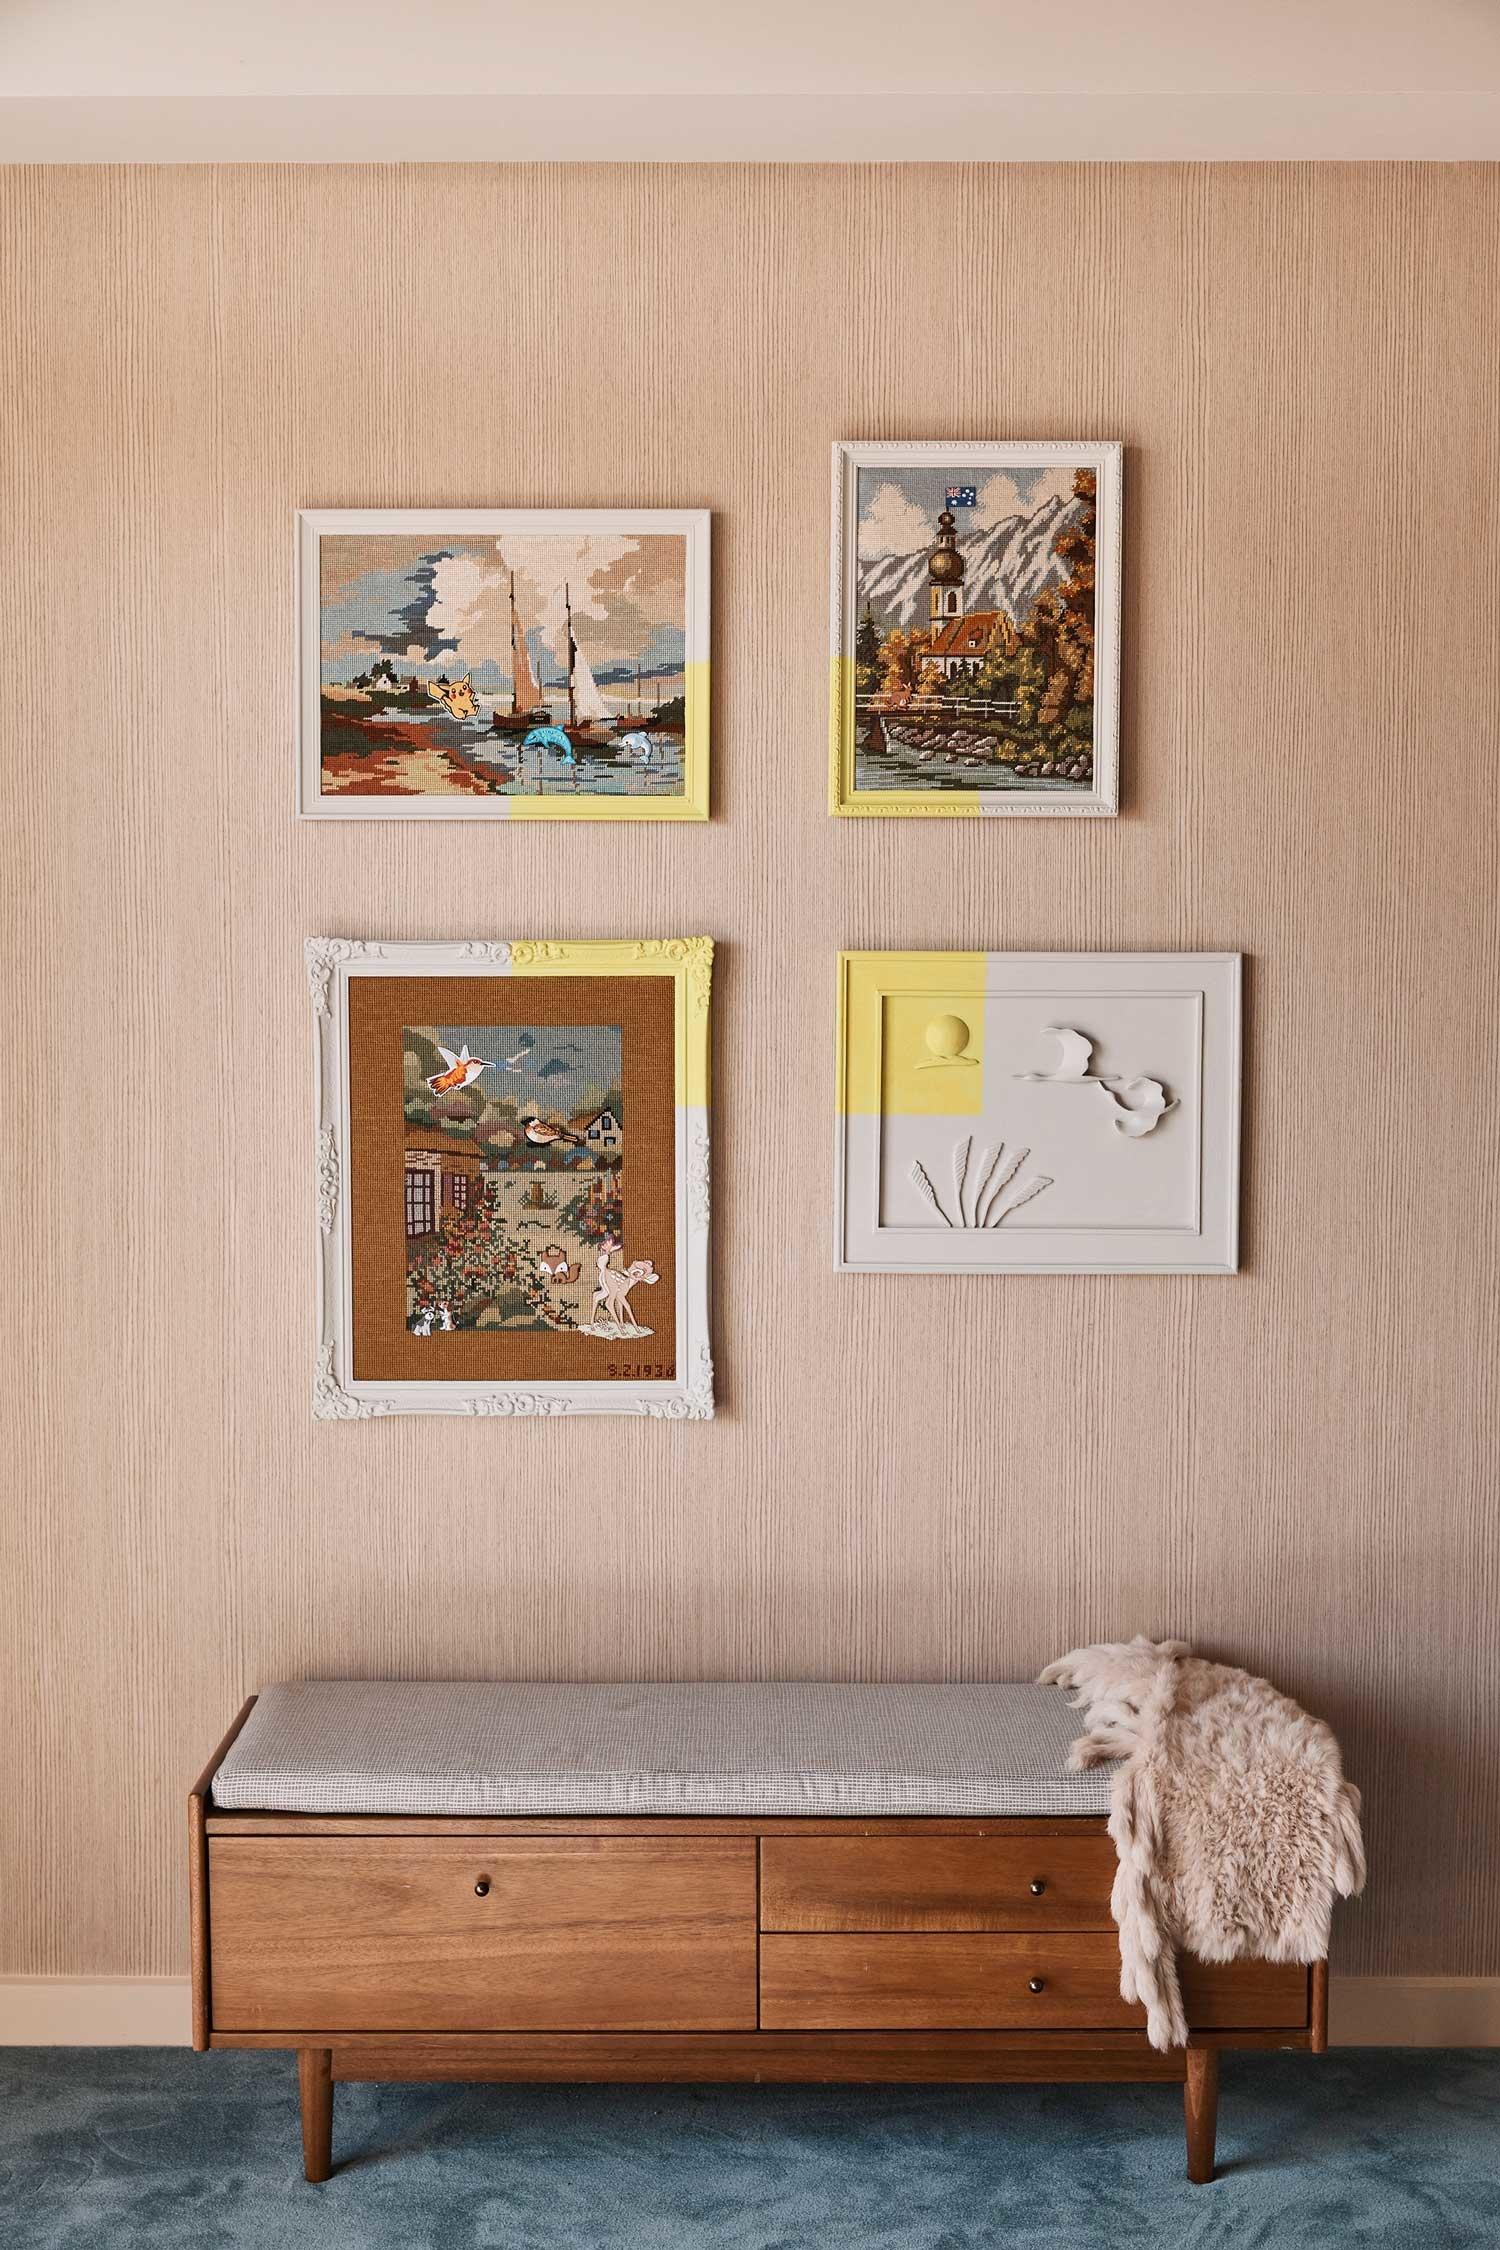 Отель Collectionist: современное искусство и авторский декор (галерея 8, фото 5)